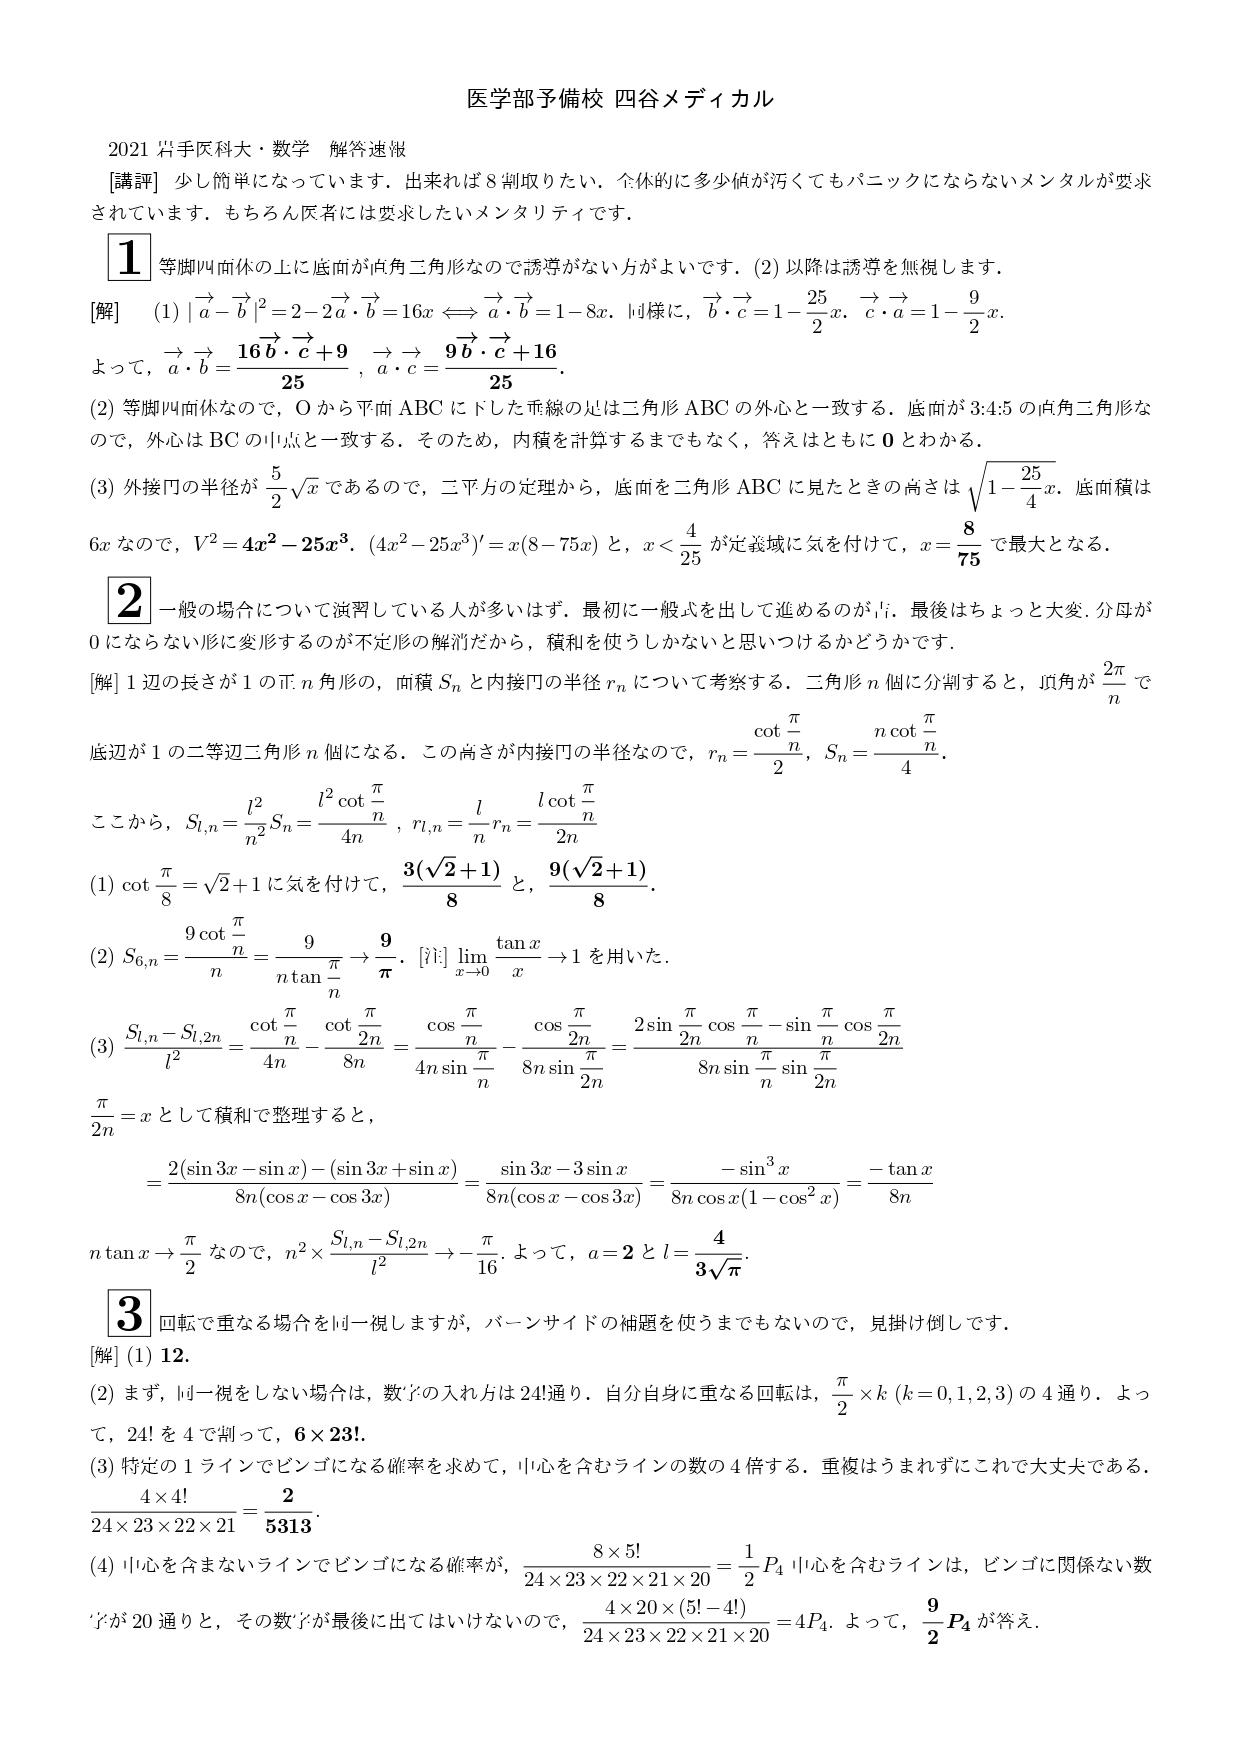 2021年1月20日 岩手医科大学(数学) 解答速報